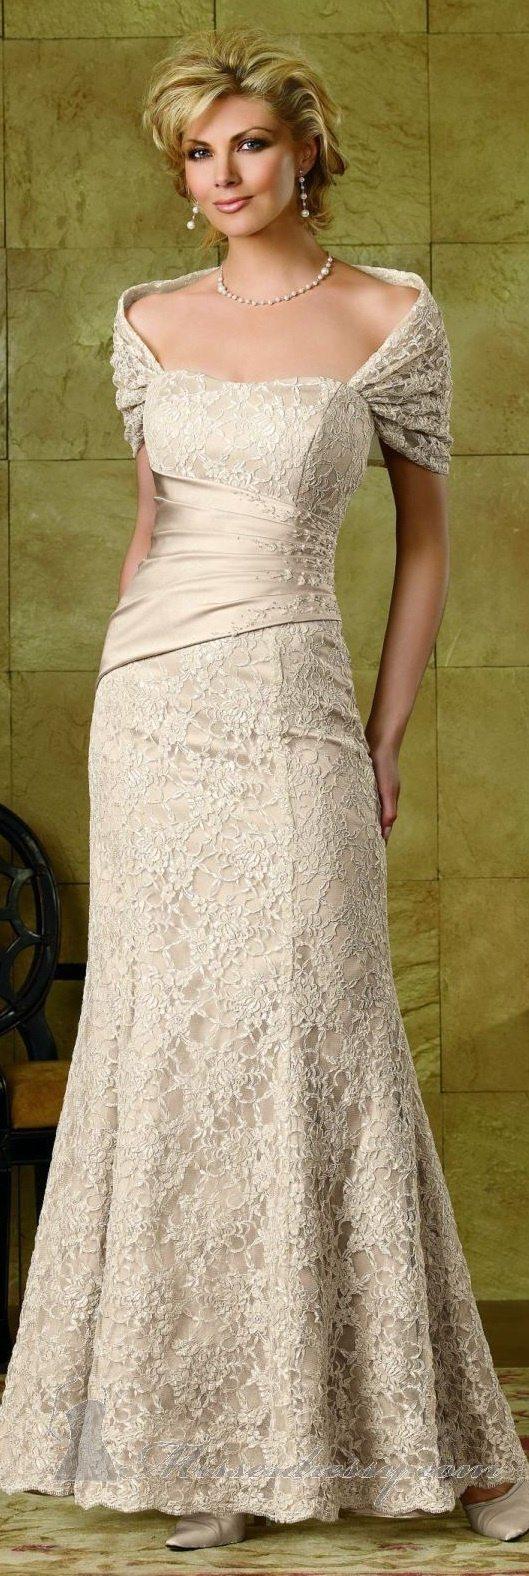 قاتمة التالى دجاج wedding dresses for older brides